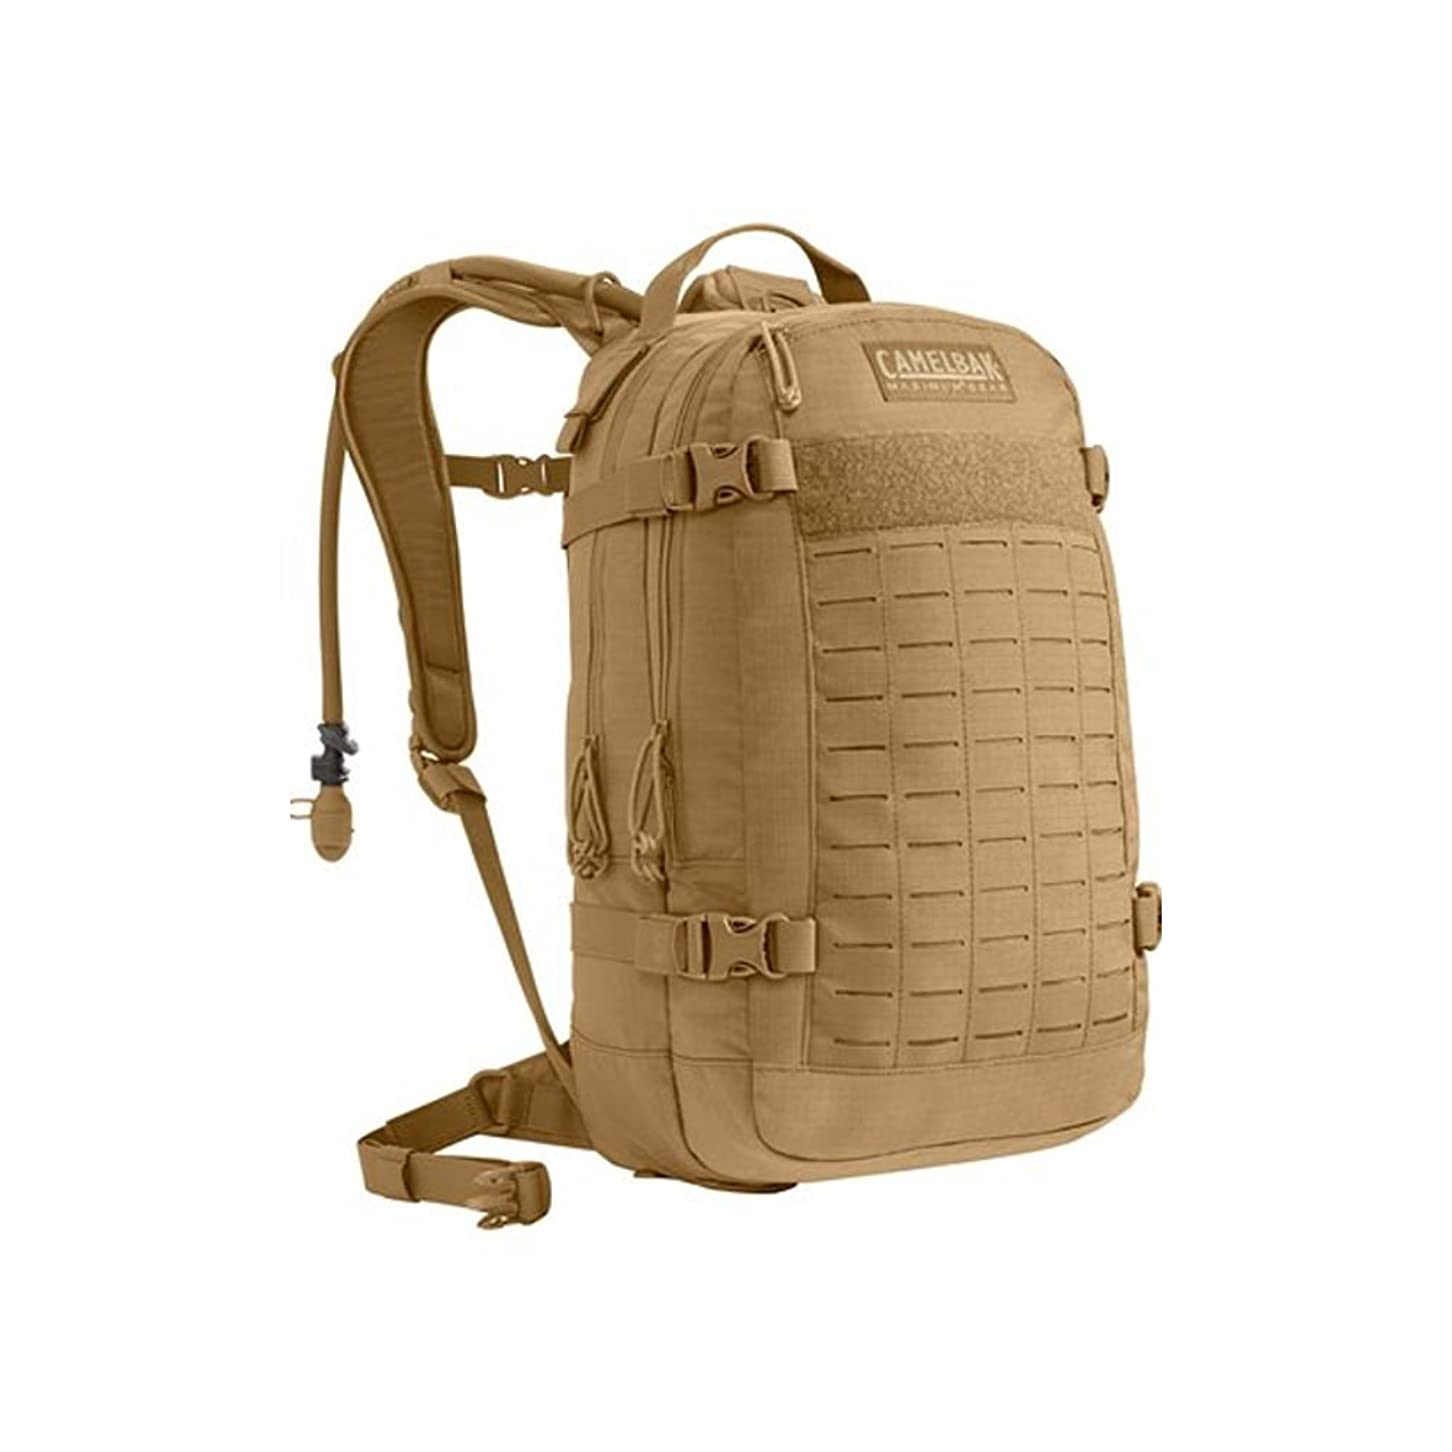 クローゼット母性適度な(キャメルバック) Camelbak軍用ホークバックパック ハイドレーション防止